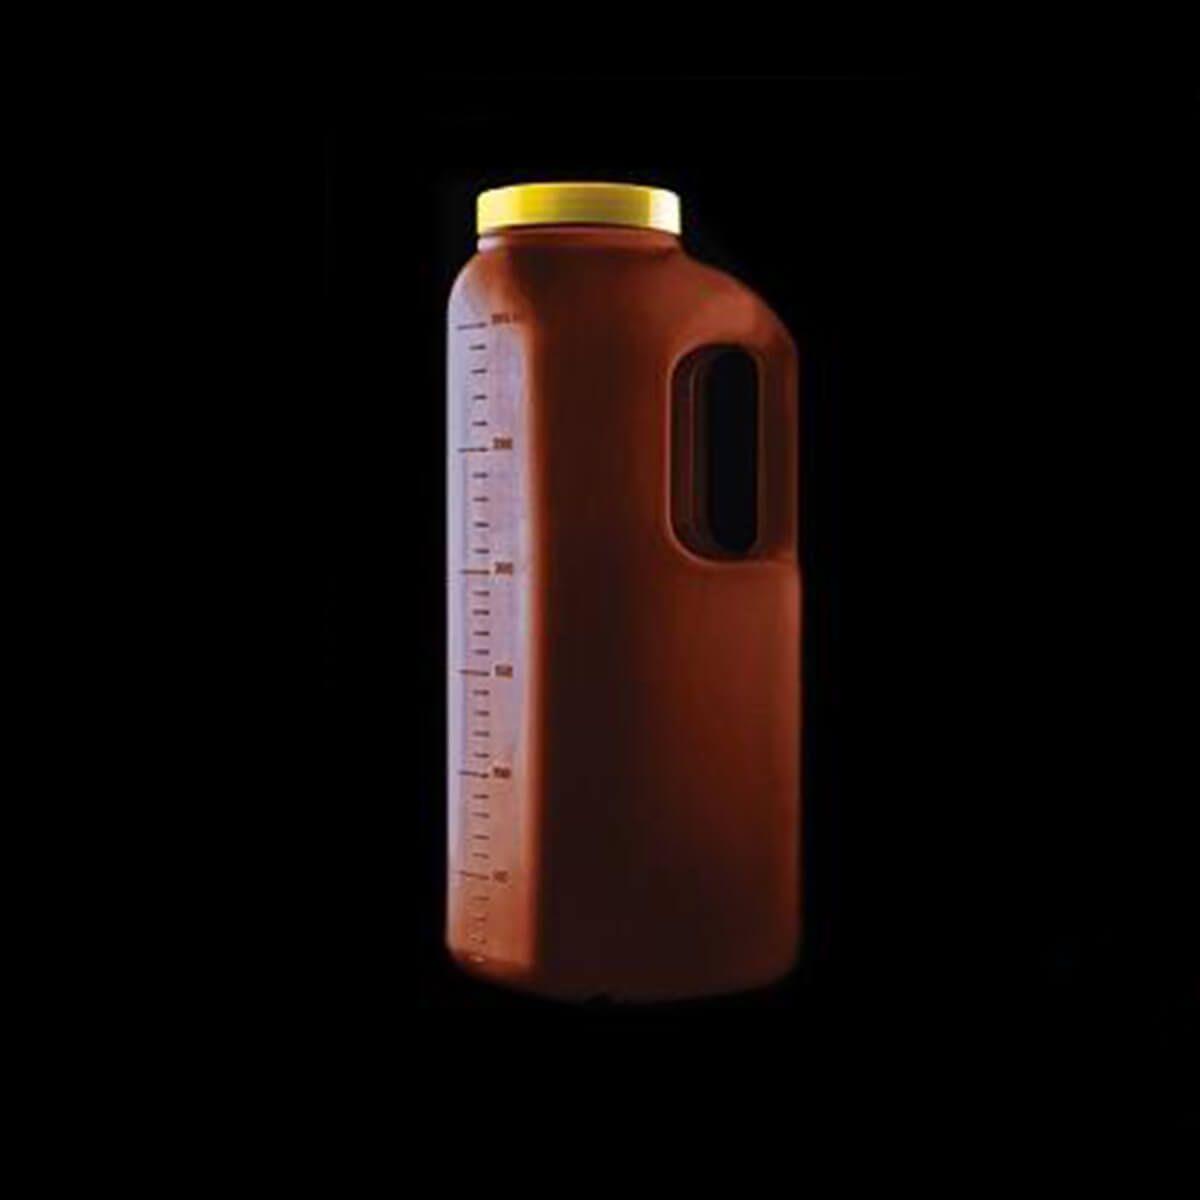 Coletor de Urina 24 Horas a Granel 3 Litros com Alça Caixa 32 Unidades